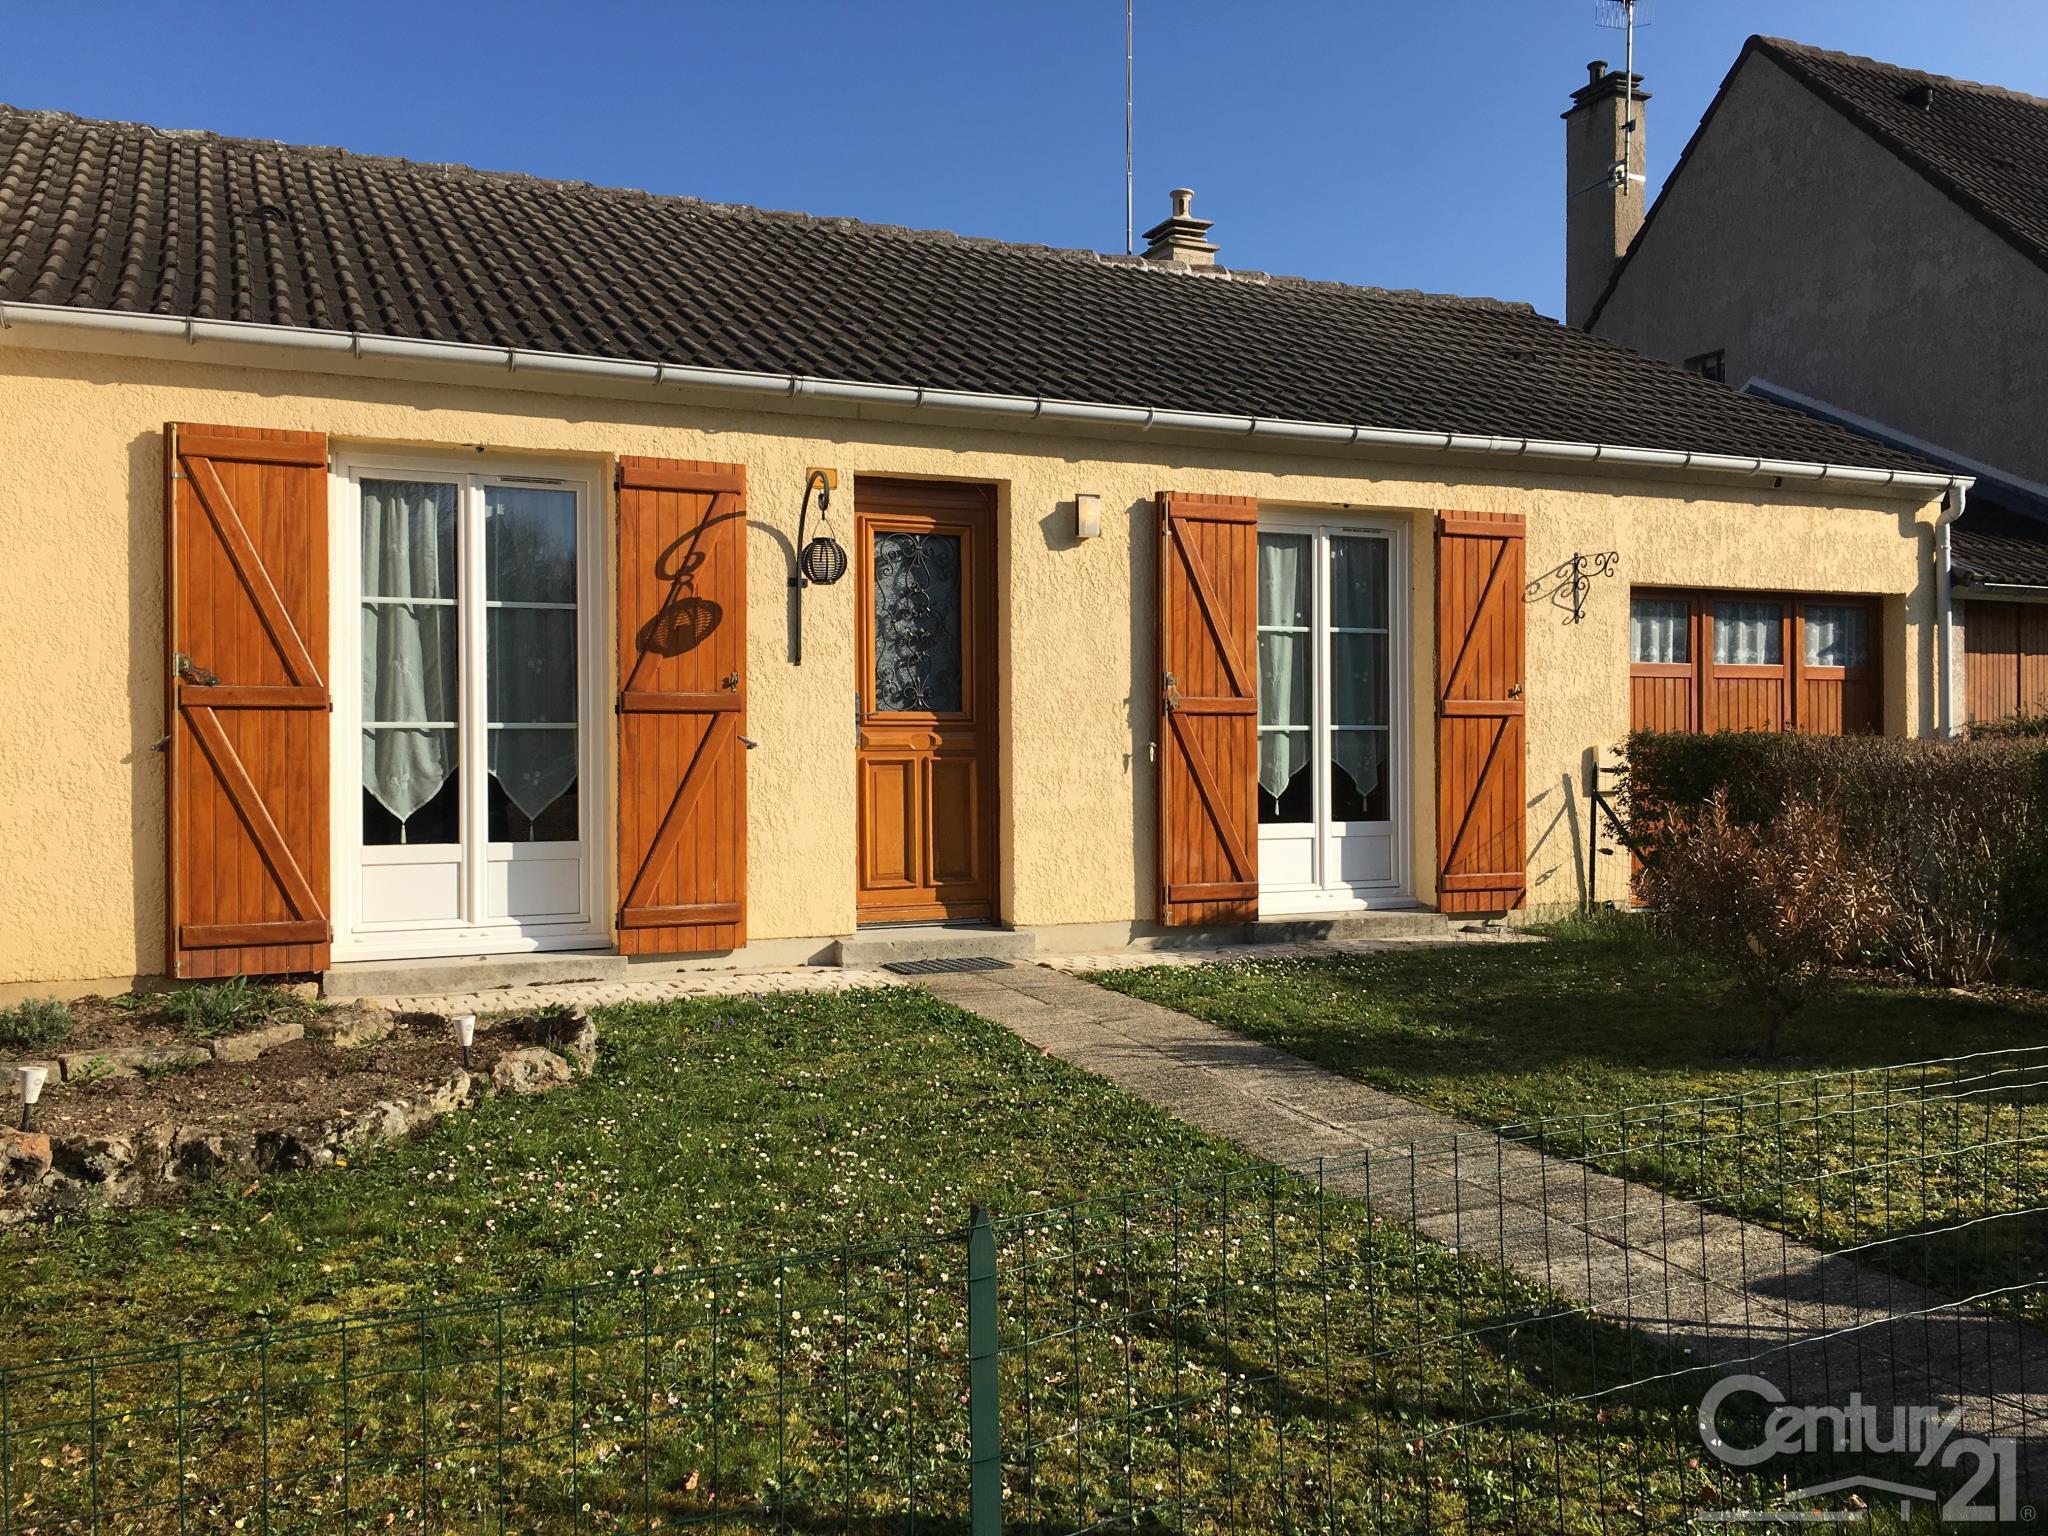 Annonce location maison samoreau 77210 70 m 880 for Maison samoreau